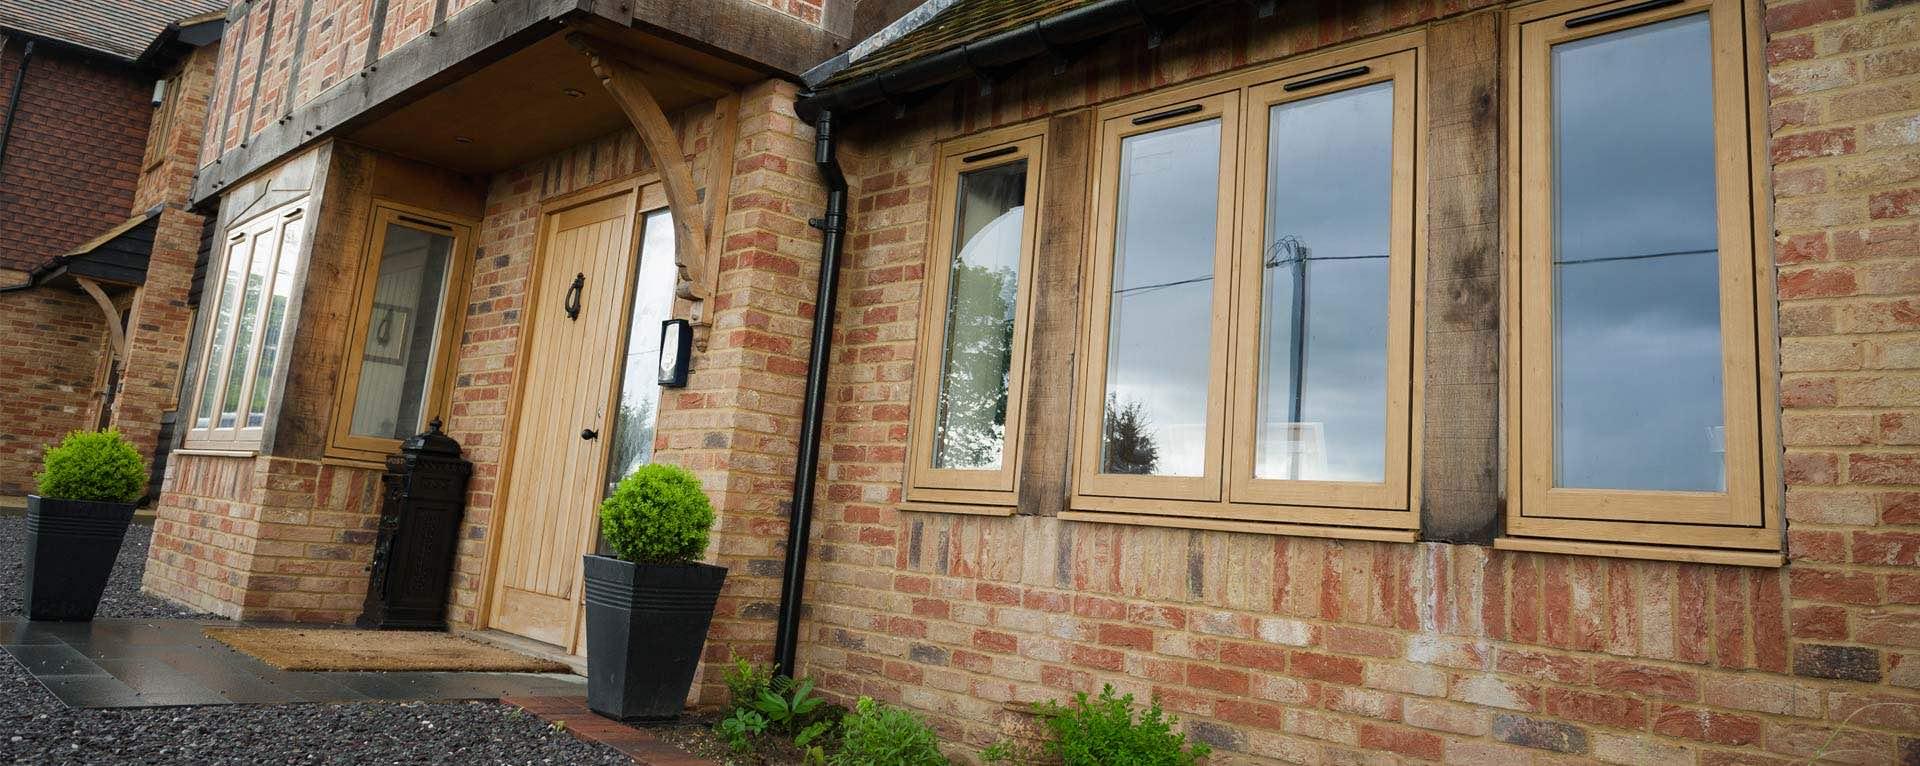 residence wood finish windows